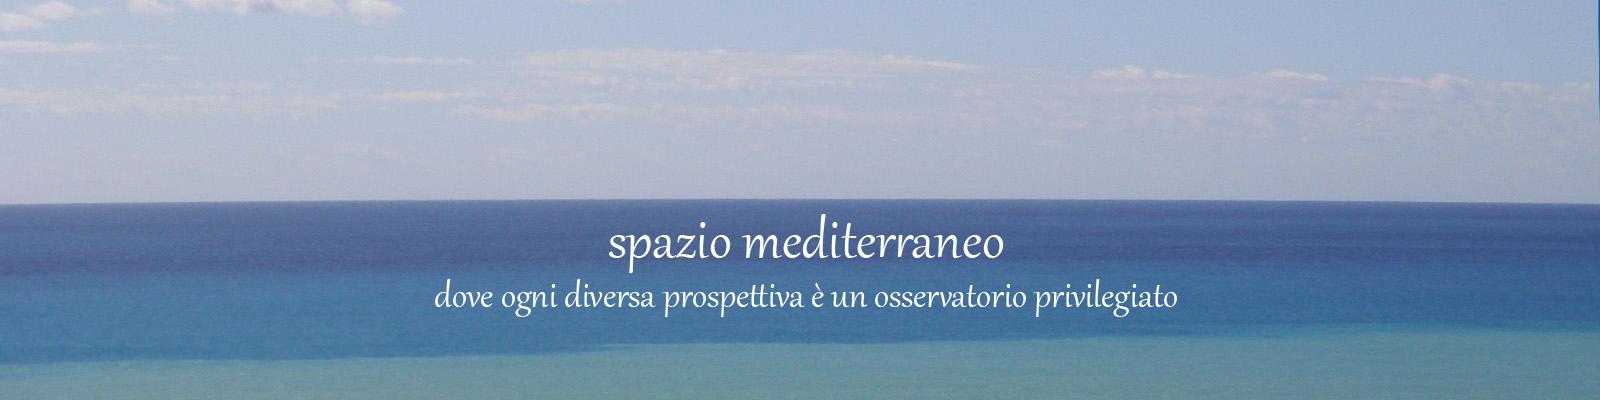 prospettiva_spazio_mediterraneo